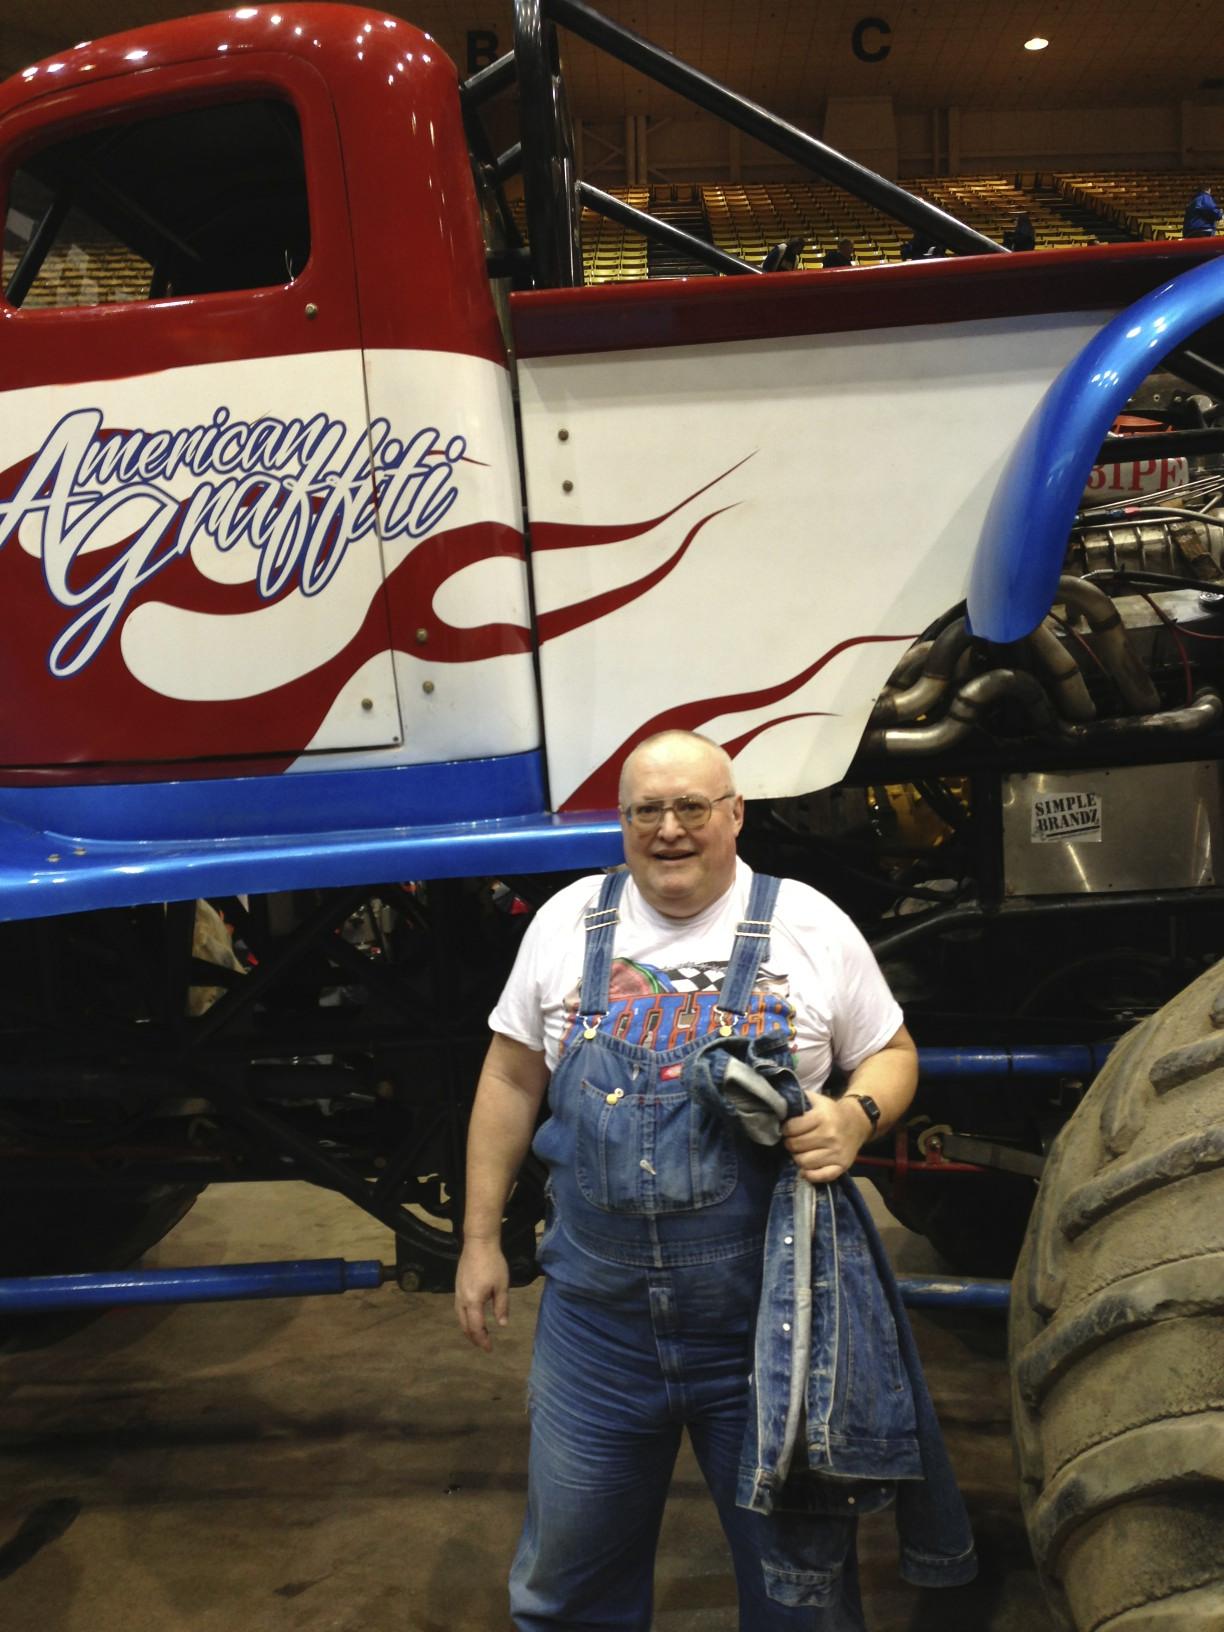 South Dakota's #1 trackchaser Butch Knouse.